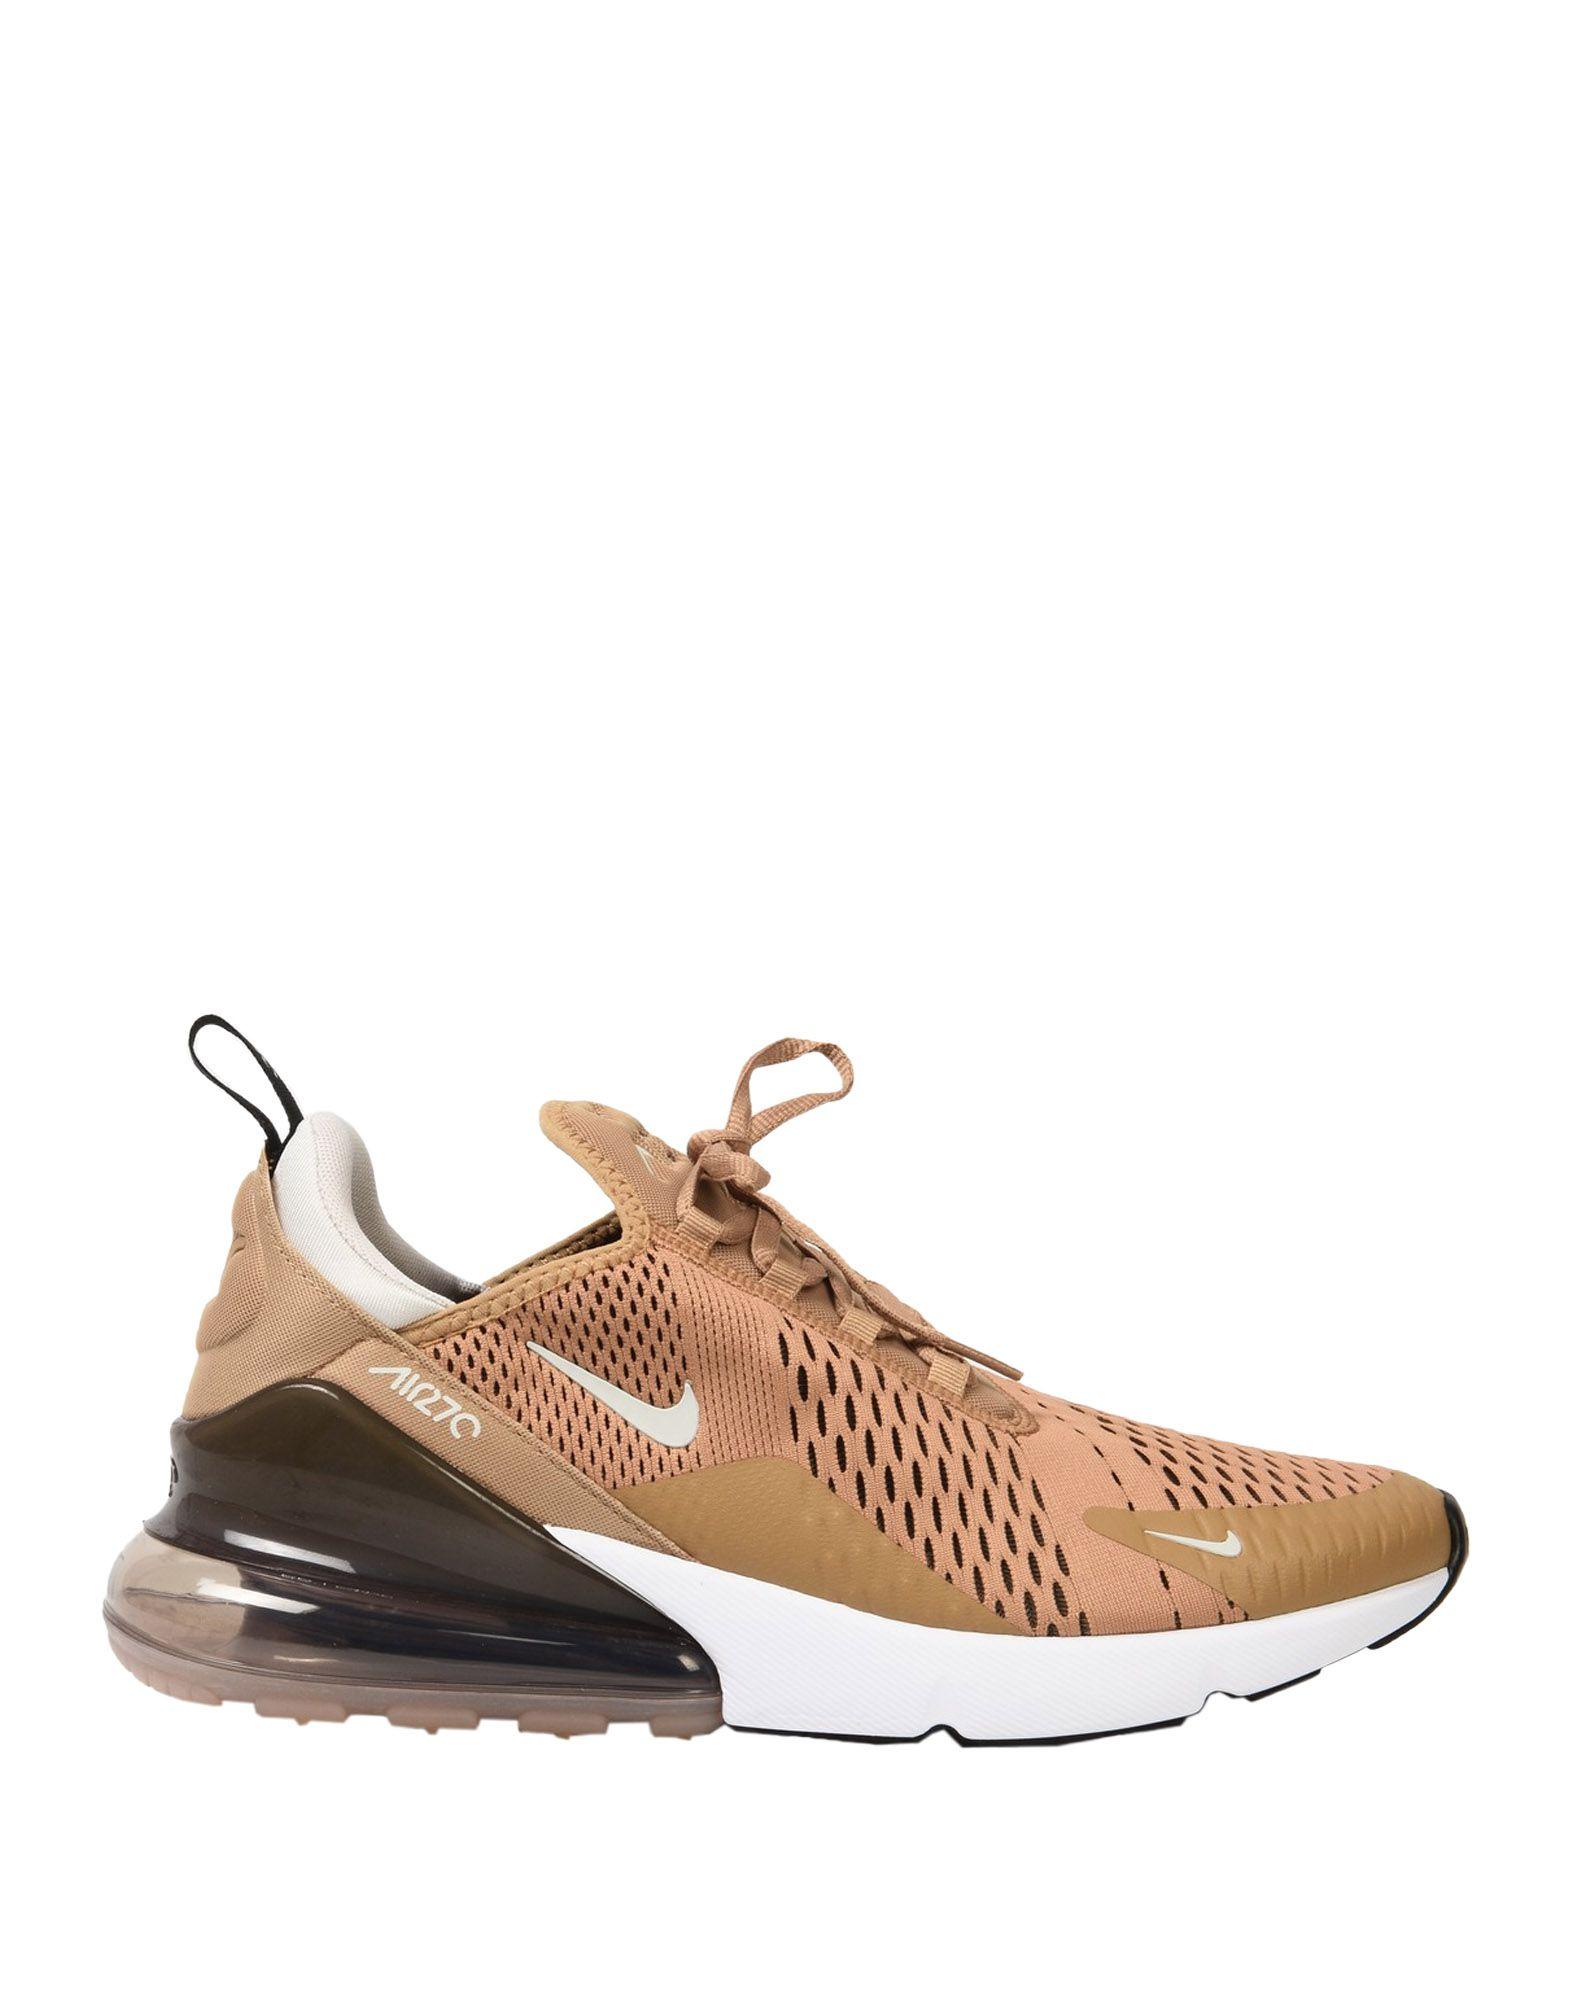 Scarpe da Ginnastica Nike Air Max 11527238QJ 270 - Uomo - 11527238QJ Max 8c14d1